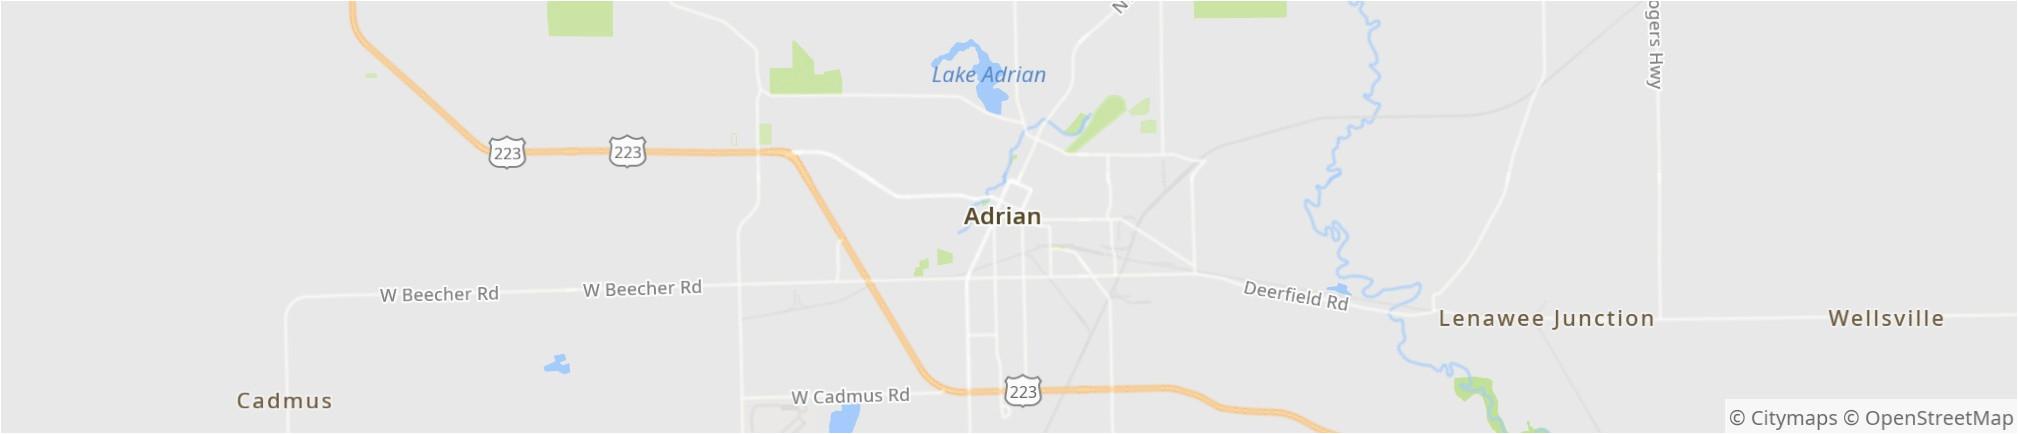 adrian 2019 best of adrian mi tourism tripadvisor